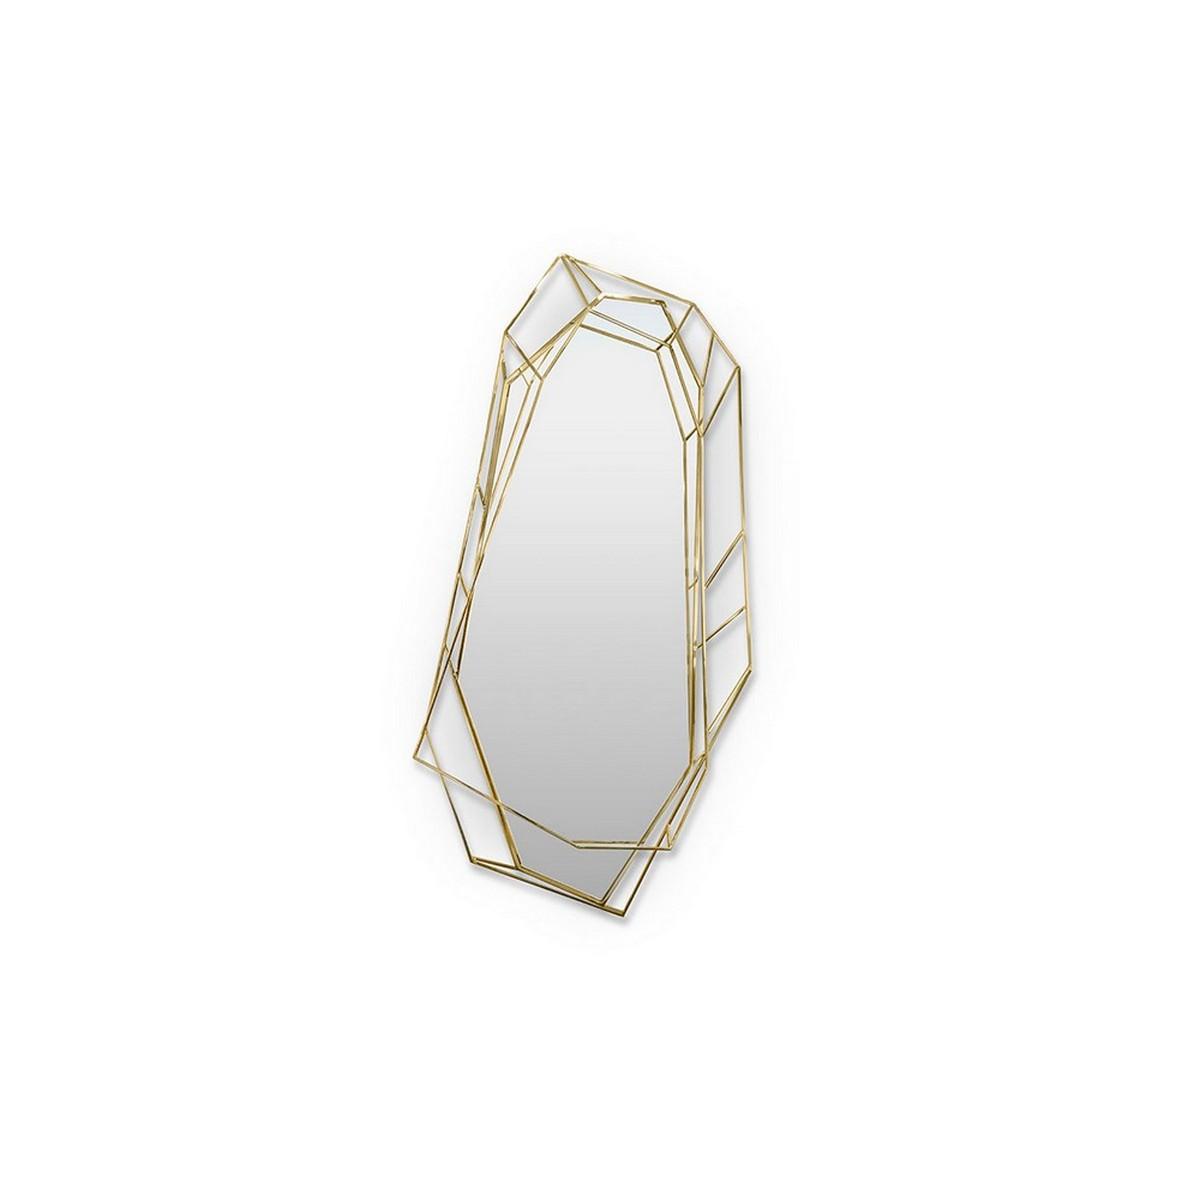 Diseño de Interiores: Ideas para comedores de mediados de Siglo contemporáneos diseño de interiores Diseño de Interiores: Ideas para comedores de mediados de Siglo contemporáneos diamond wall mirror essential home 01